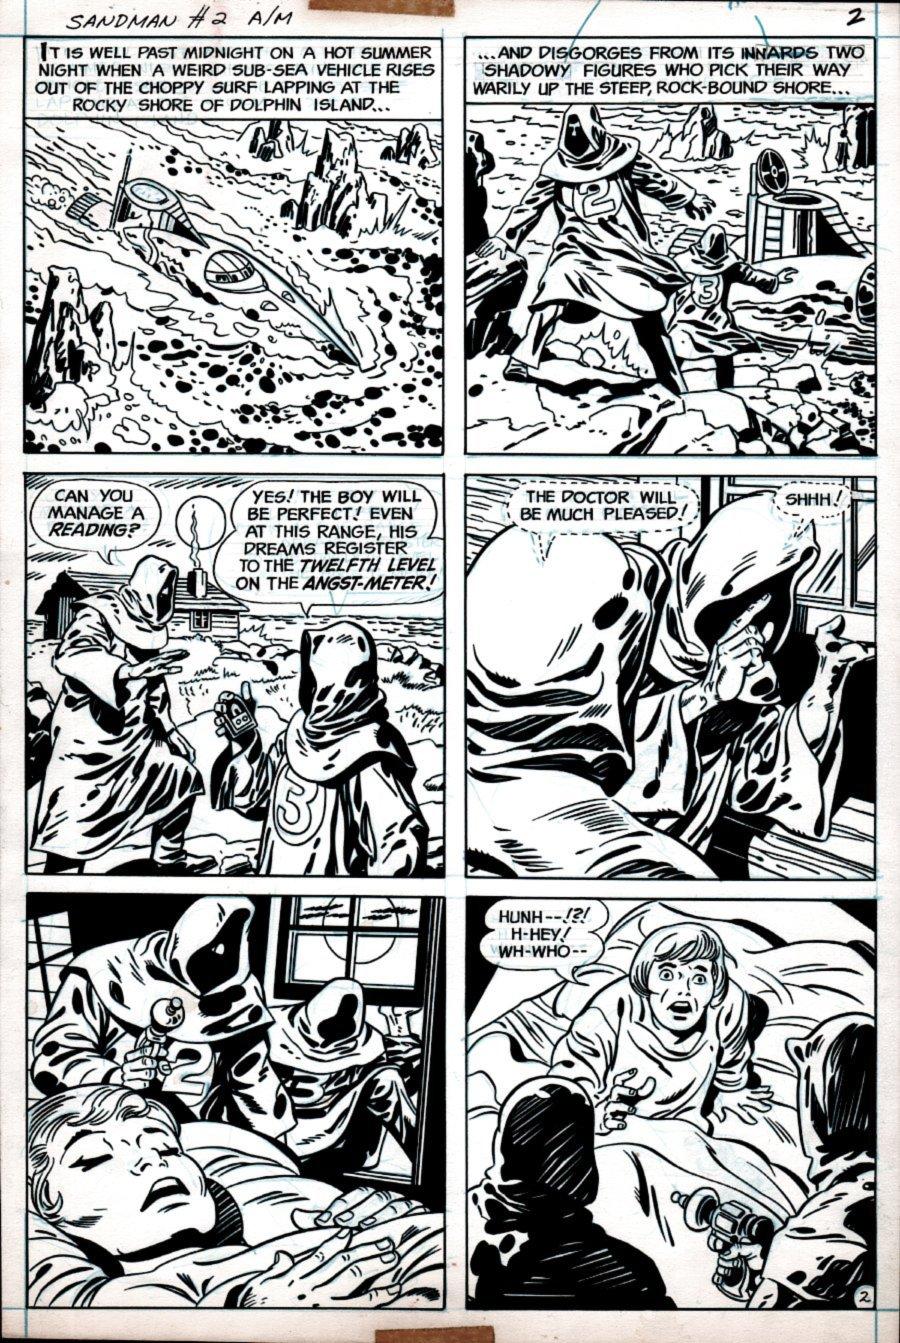 Sandman #2 p 2 (1975)